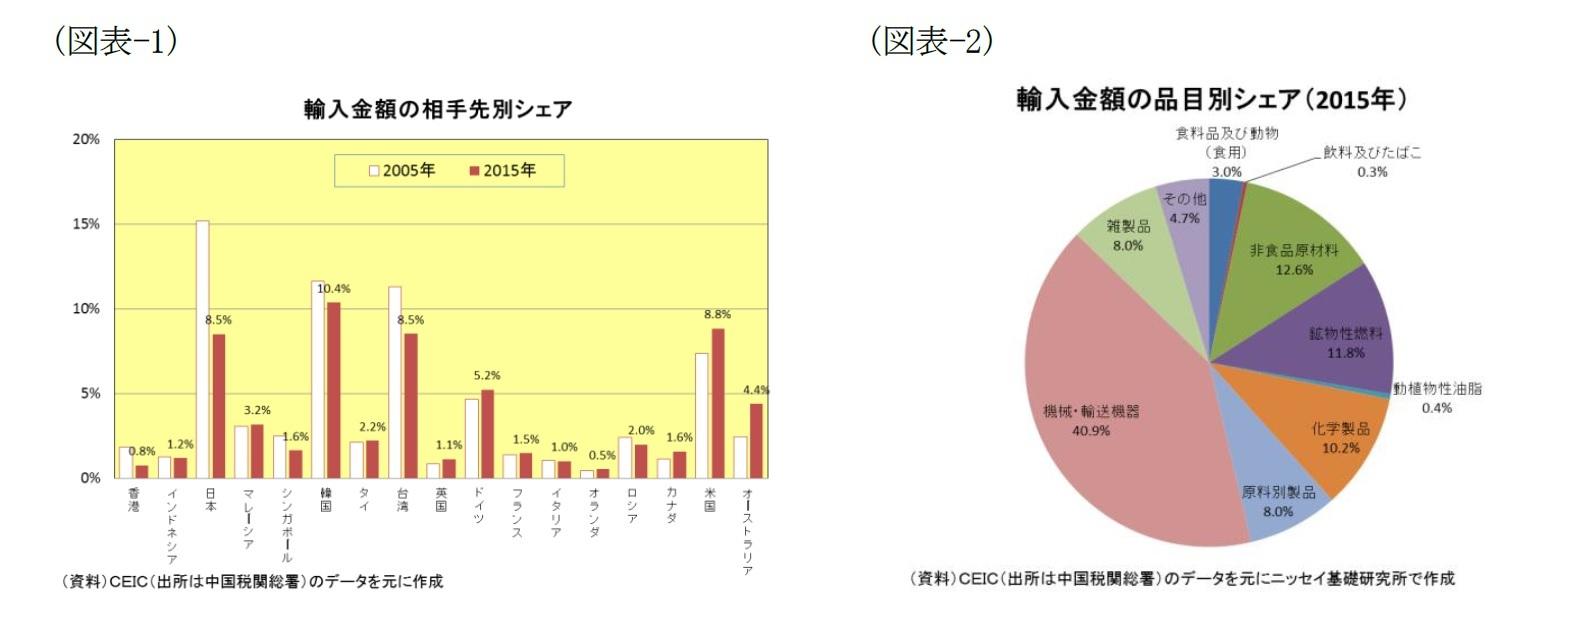 (図表-1)輸入金額の相手先別シェア/(図表-2)輸入金額の品目別シェア(2015年)